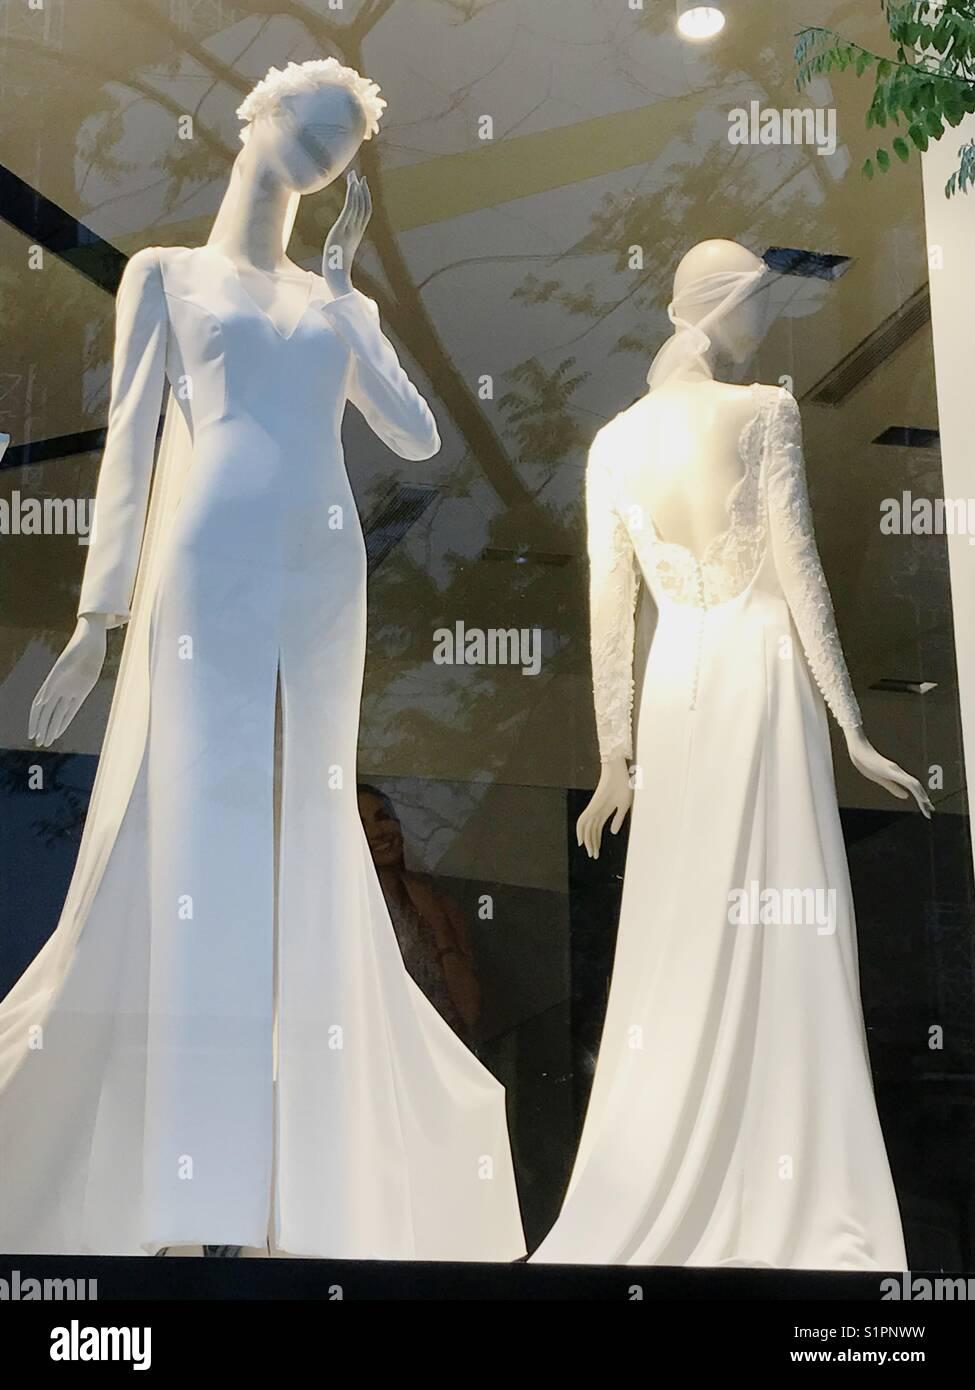 e46430f004b Dos maniquíes vestidos de vestidos de novia en un escaparate. Madrid.  España. Imagen